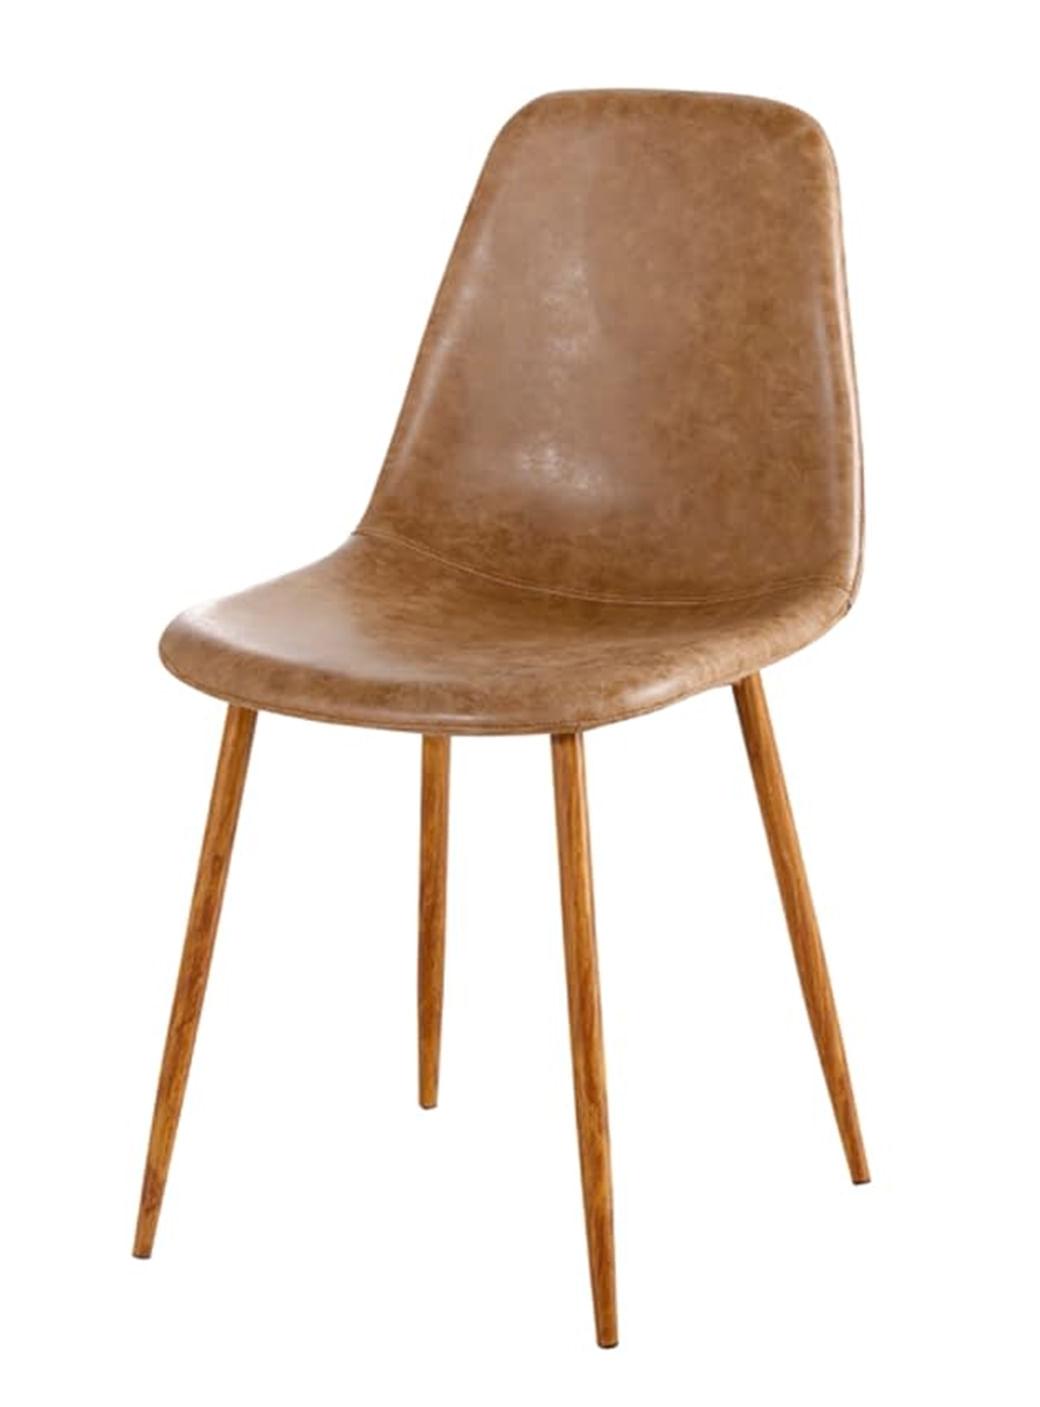 Cadeira Jacob PU Marrom com Pes Palito cor Nogueira - 44989